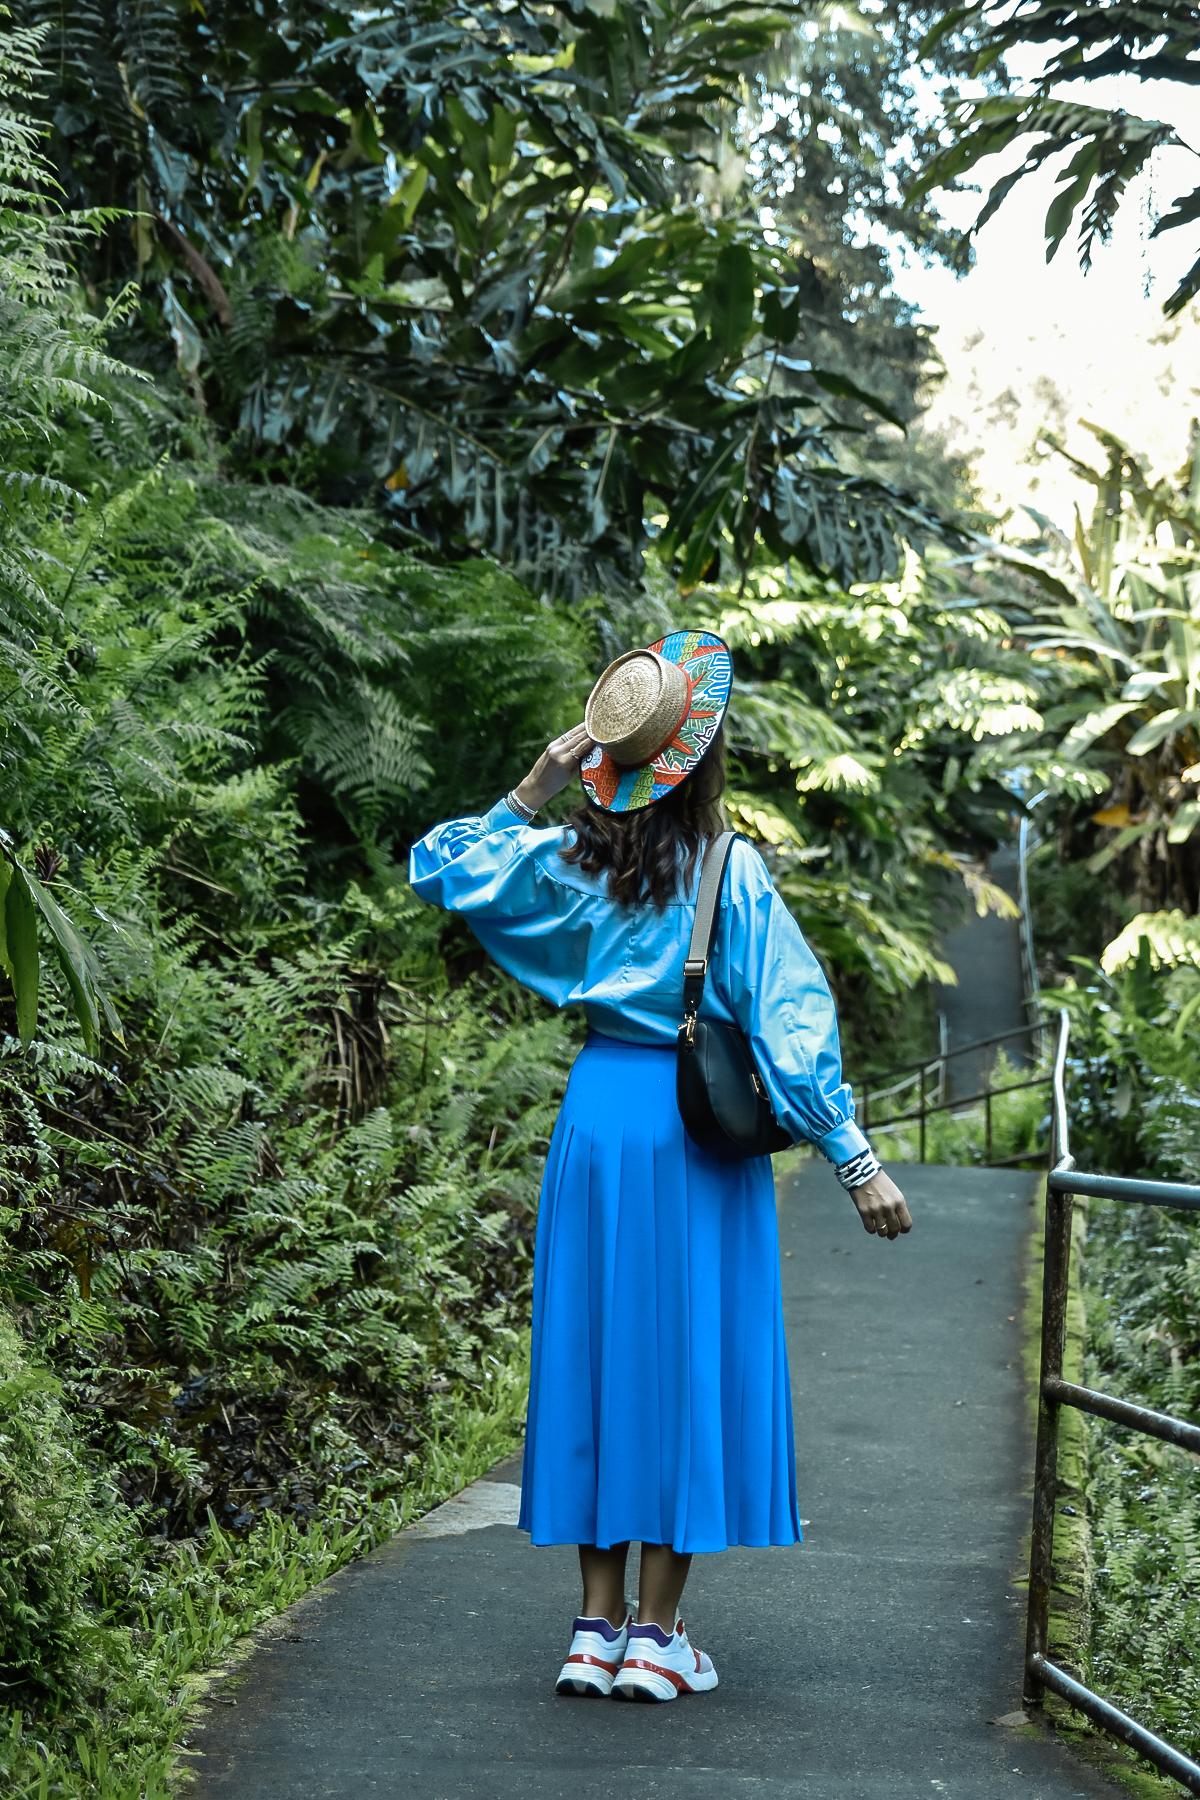 el-blog-de-silvia-blusa-azul-viaje-hawaii-05